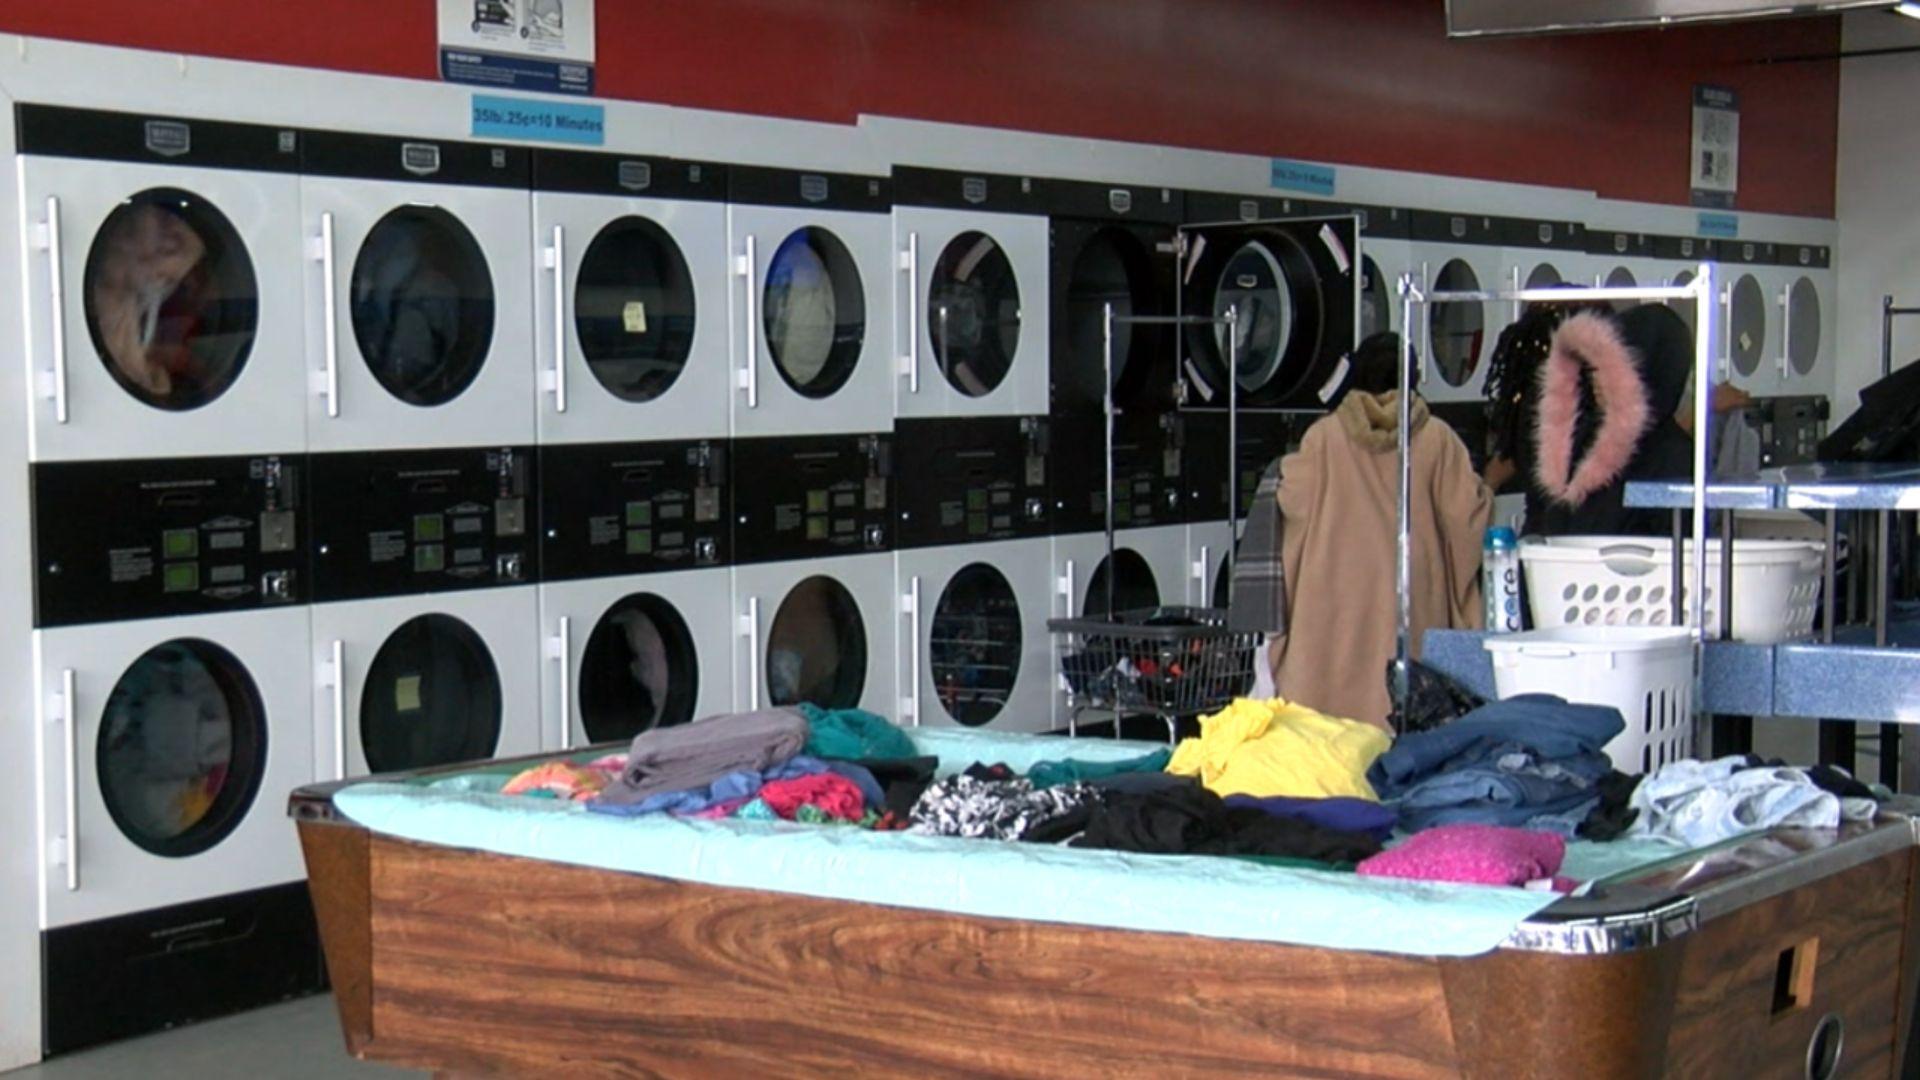 Laundry Help